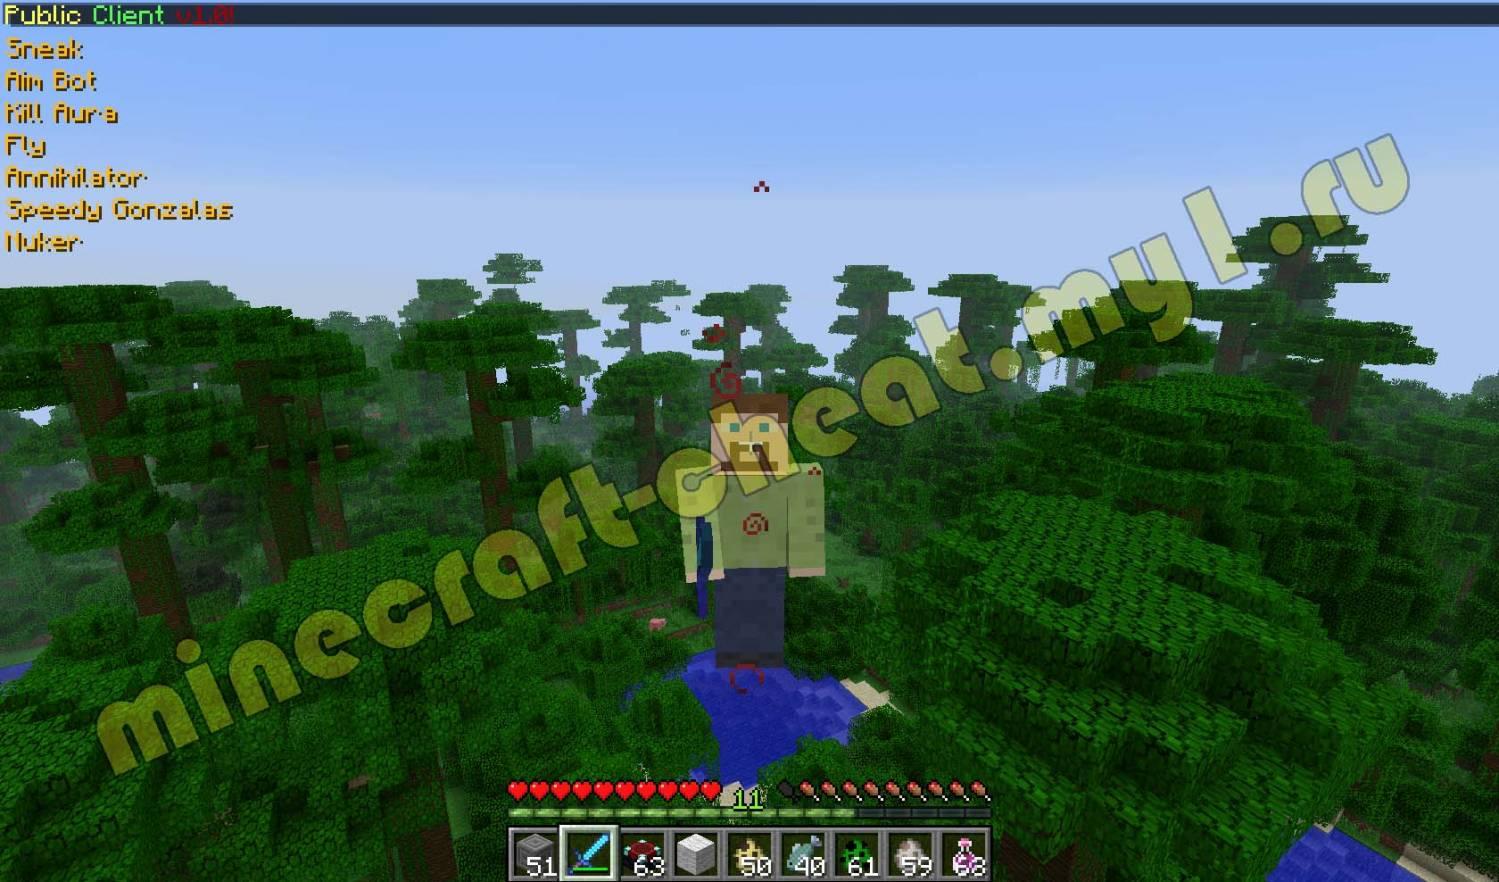 Show Health для Minecraft 1.2.3 (Скачать бесплатно и без регистрации)